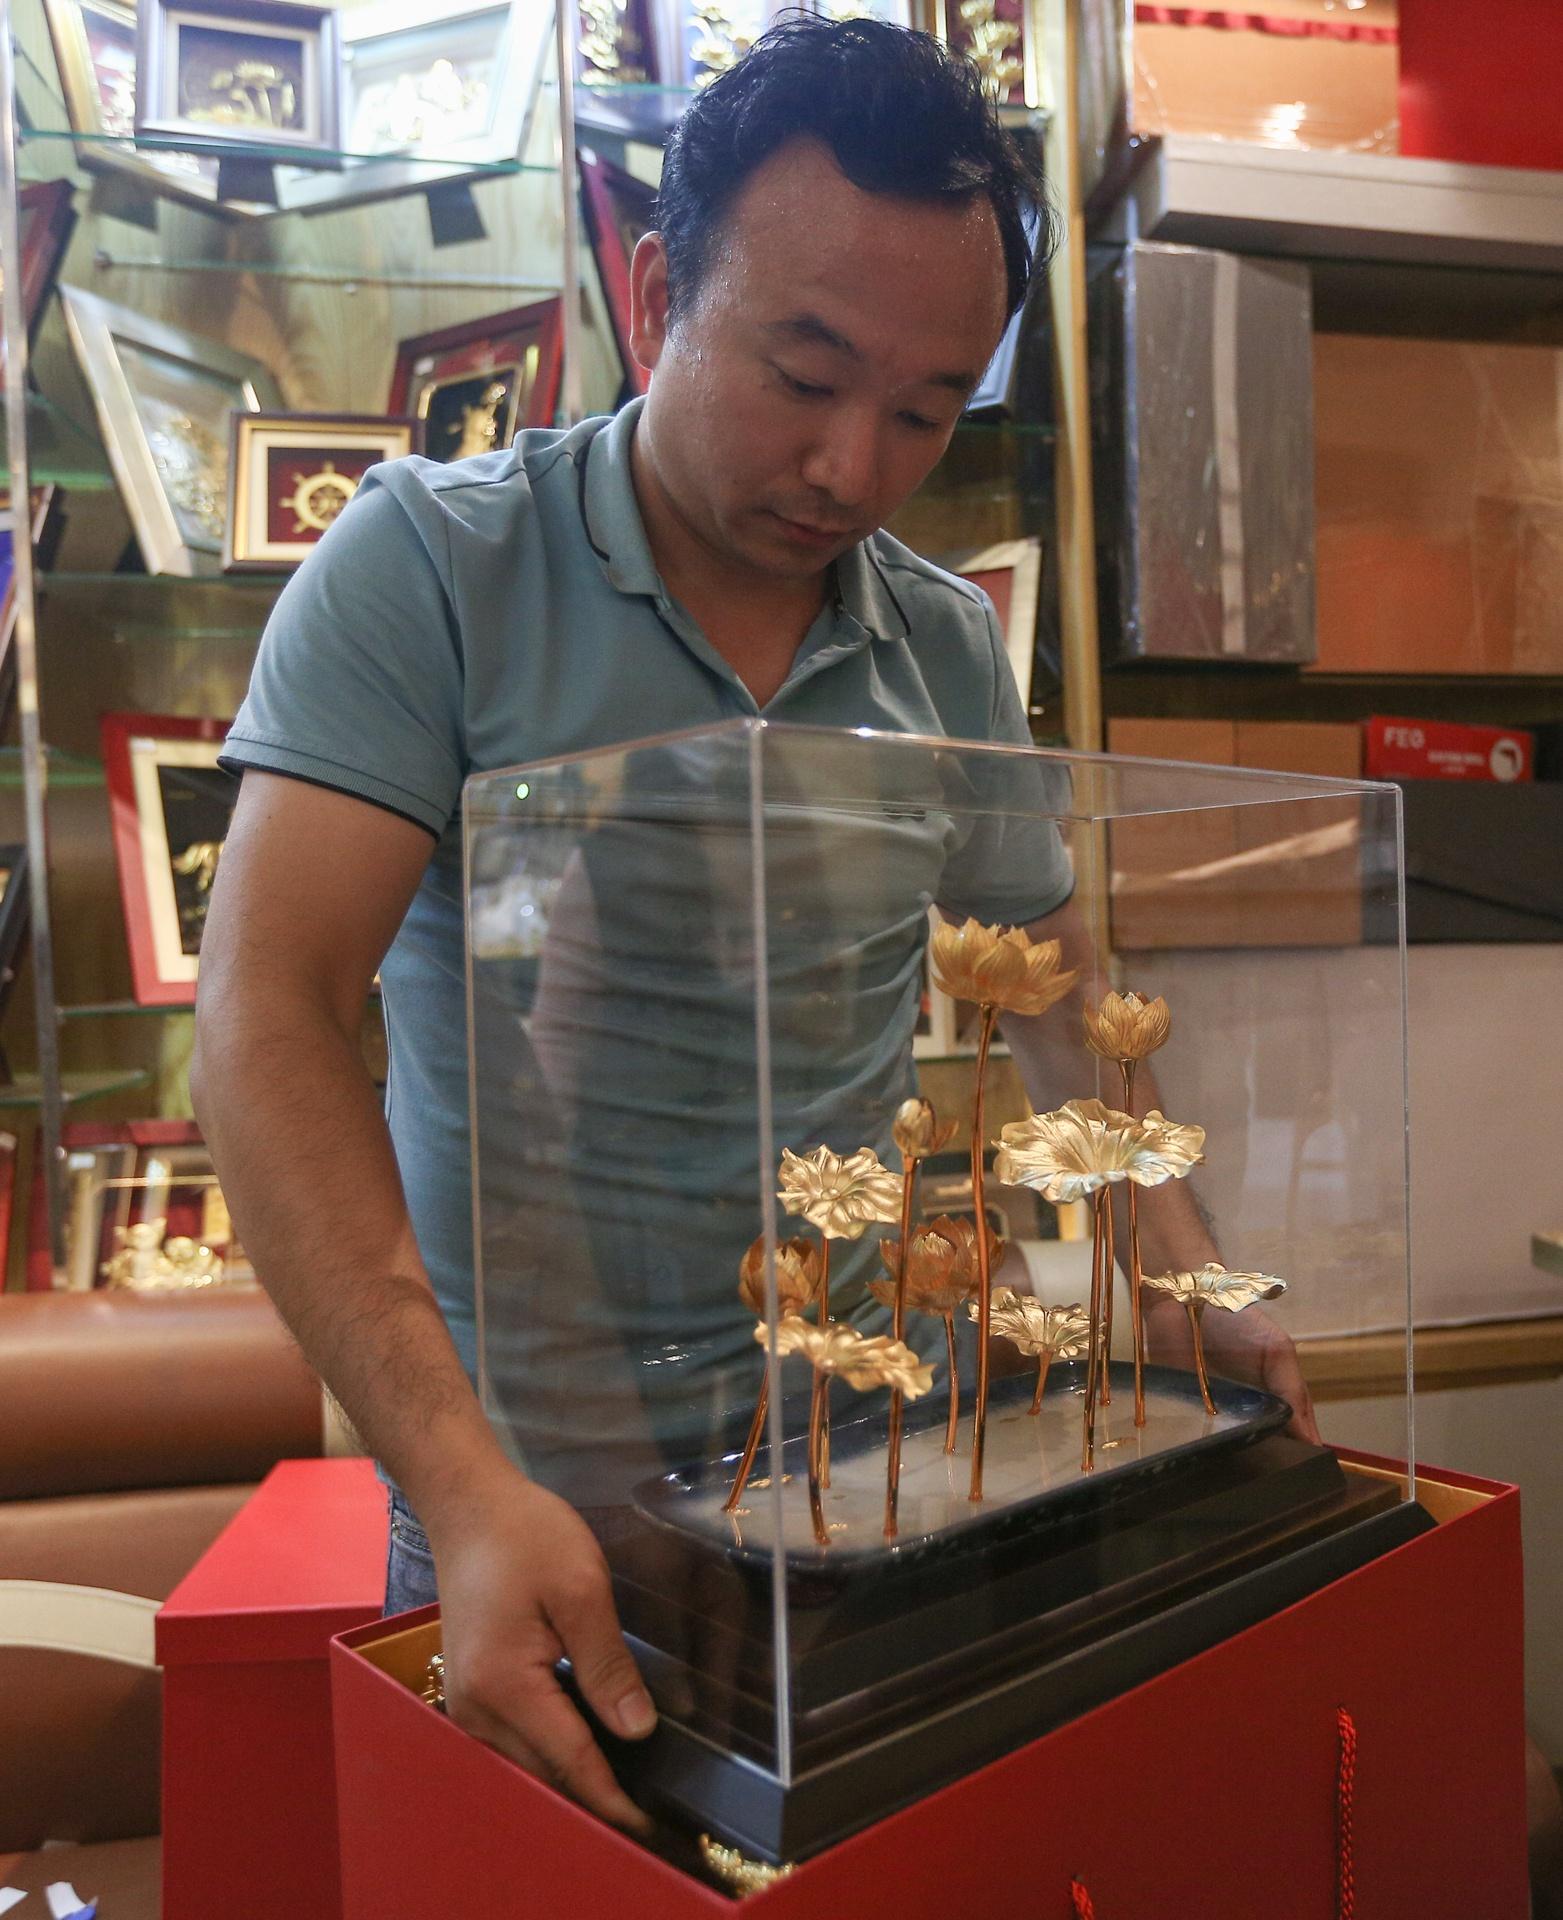 Hoa mạ vàng tiền triệu ngập tràn thị trường quà tặng ngày 8/3 - Ảnh 9.